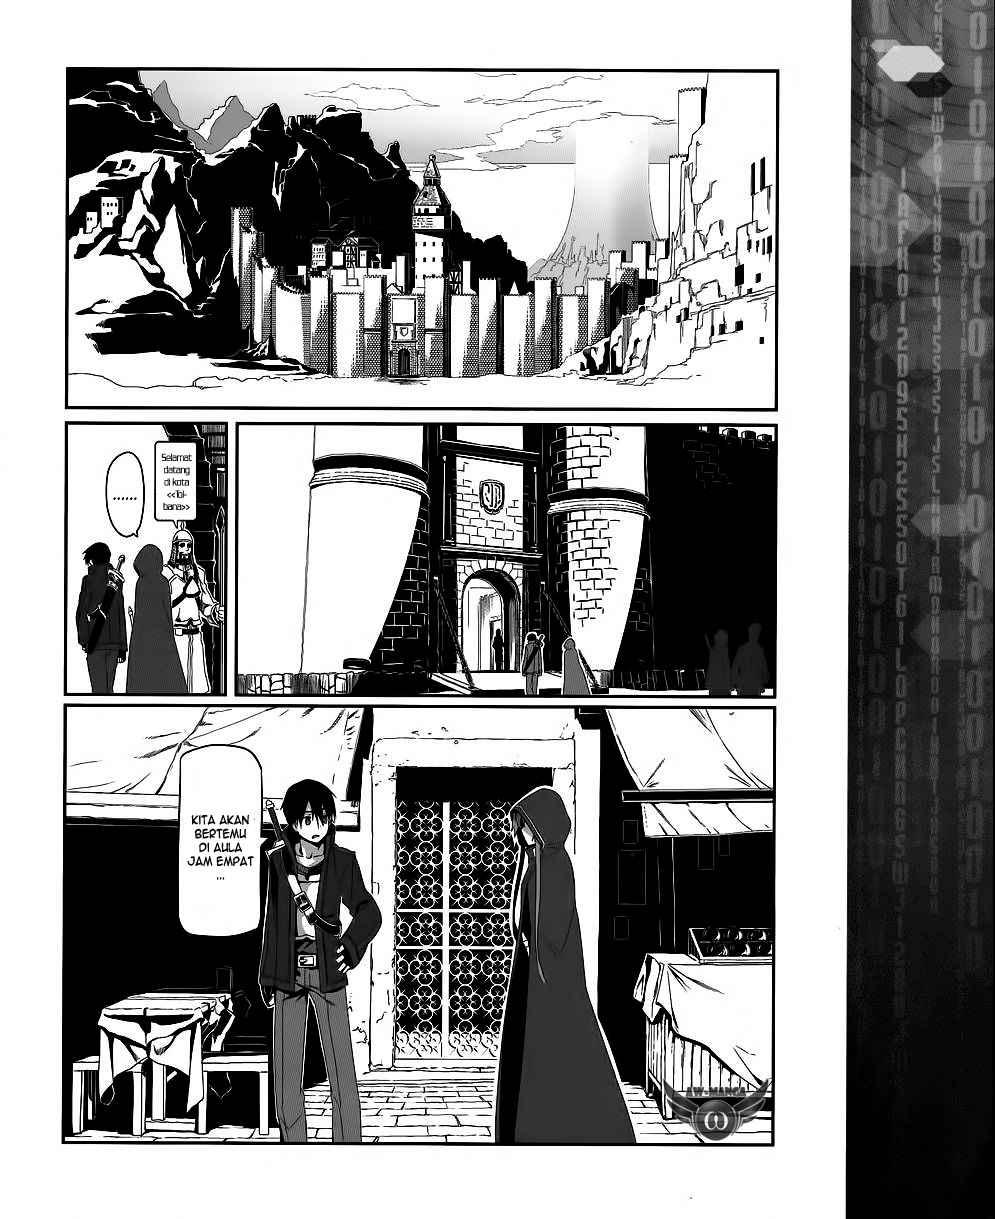 Komik sword art online progressive 002 - lebih cepat dari siapapun 3 Indonesia sword art online progressive 002 - lebih cepat dari siapapun Terbaru 22|Baca Manga Komik Indonesia|Mangacan